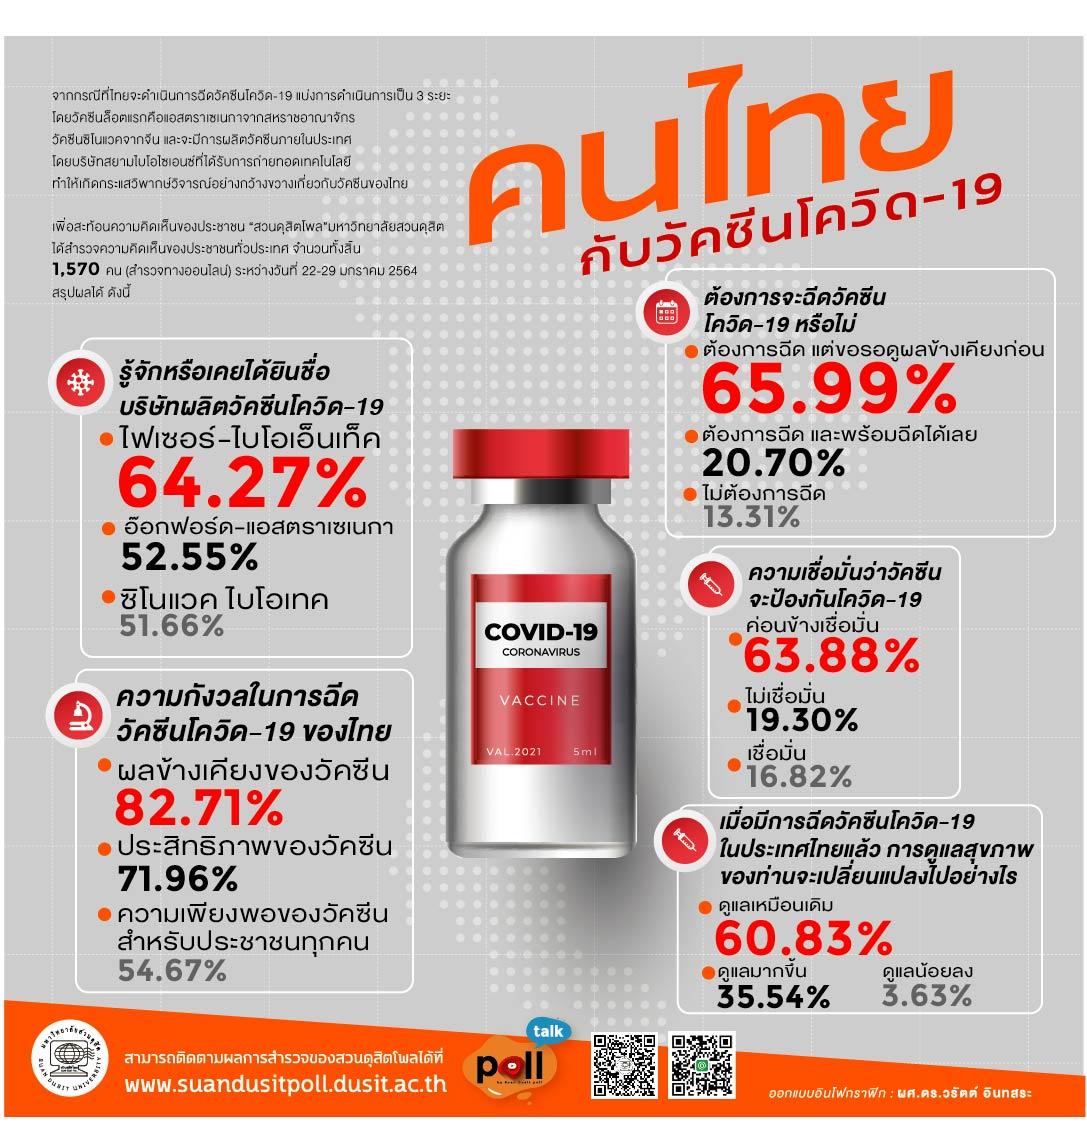 โพลระบุคนไทยรู้จักวัคซีน 'ไฟเซอร์-ไบโอเอ็นเทค' มากกว่า 'ออกซ์ฟอร์ด-แอสตราเซเนกา' หวั่นผลข้างเคียง